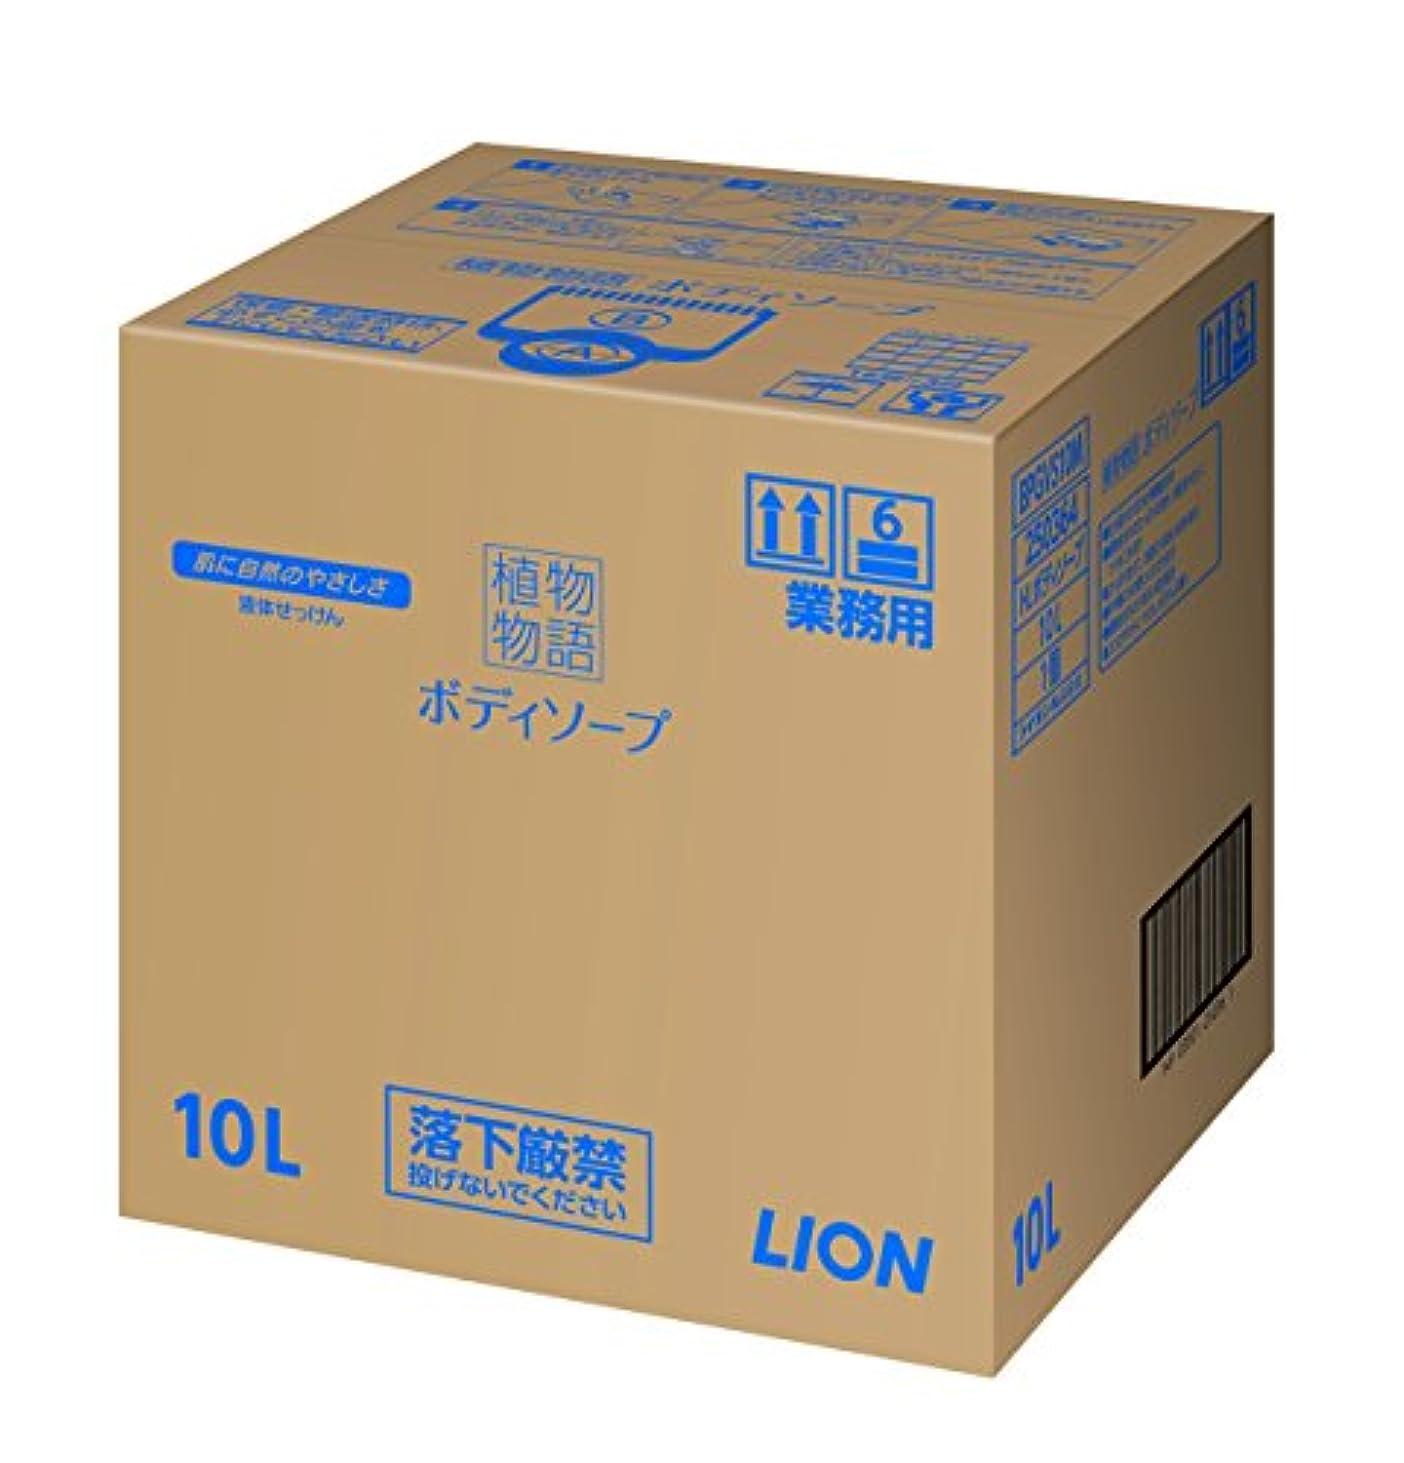 【大容量】植物物語ボディソープ10L